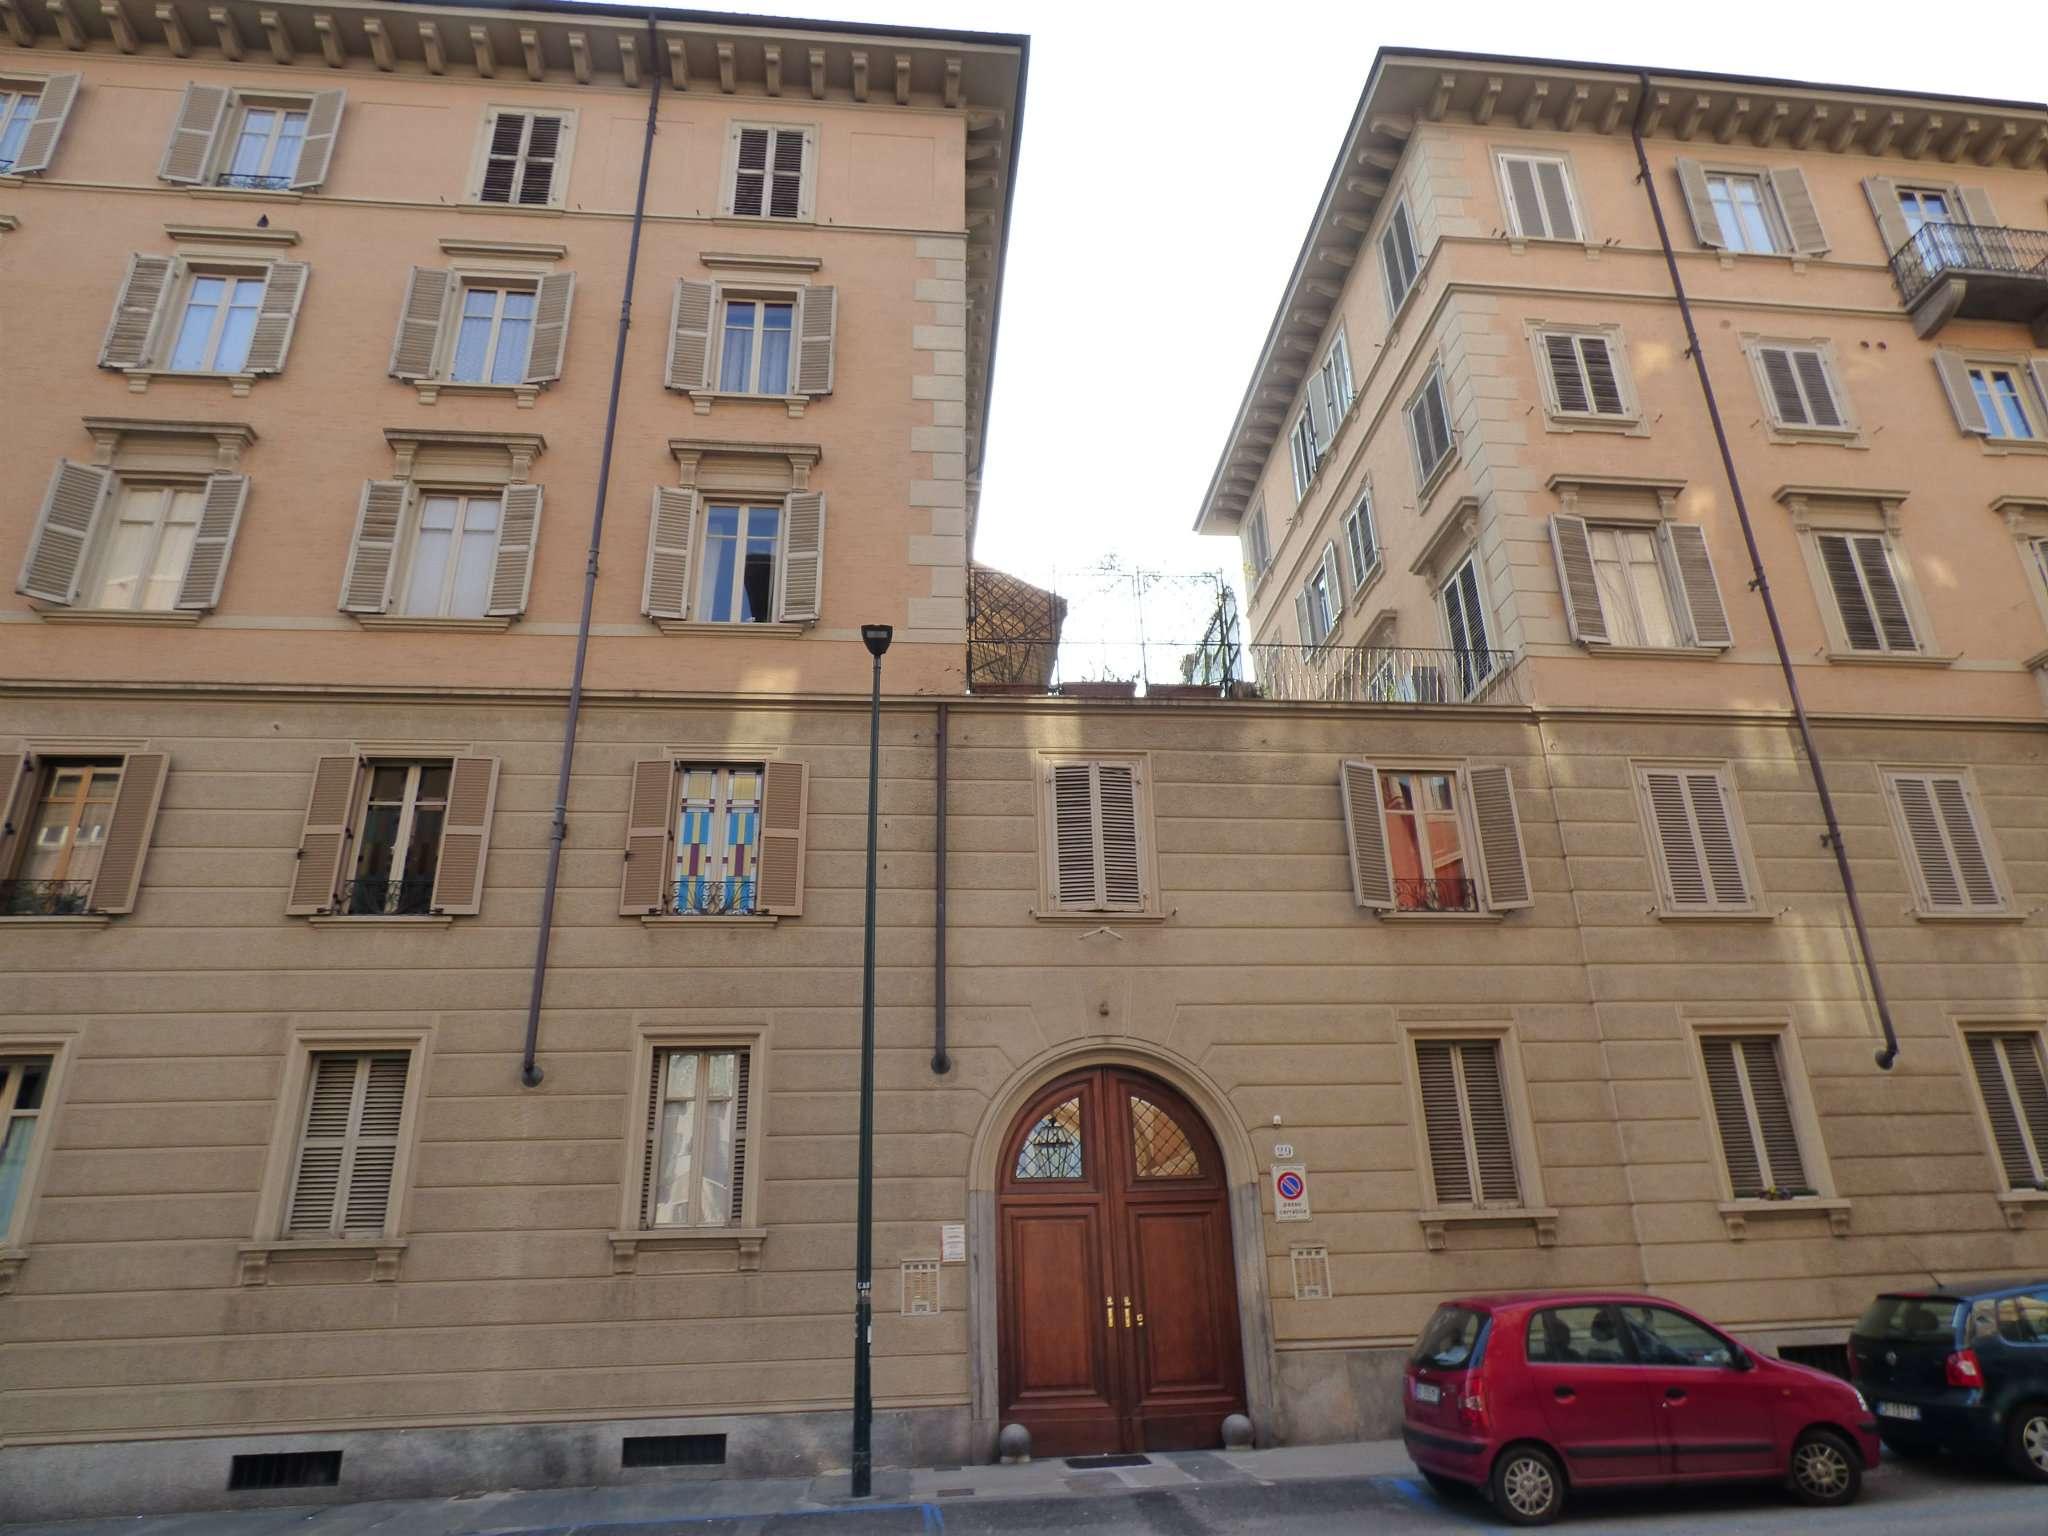 Appartamento in vendita a Torino, 4 locali, zona Zona: 2 . San Secondo, Crocetta, prezzo € 235.000   Cambio Casa.it